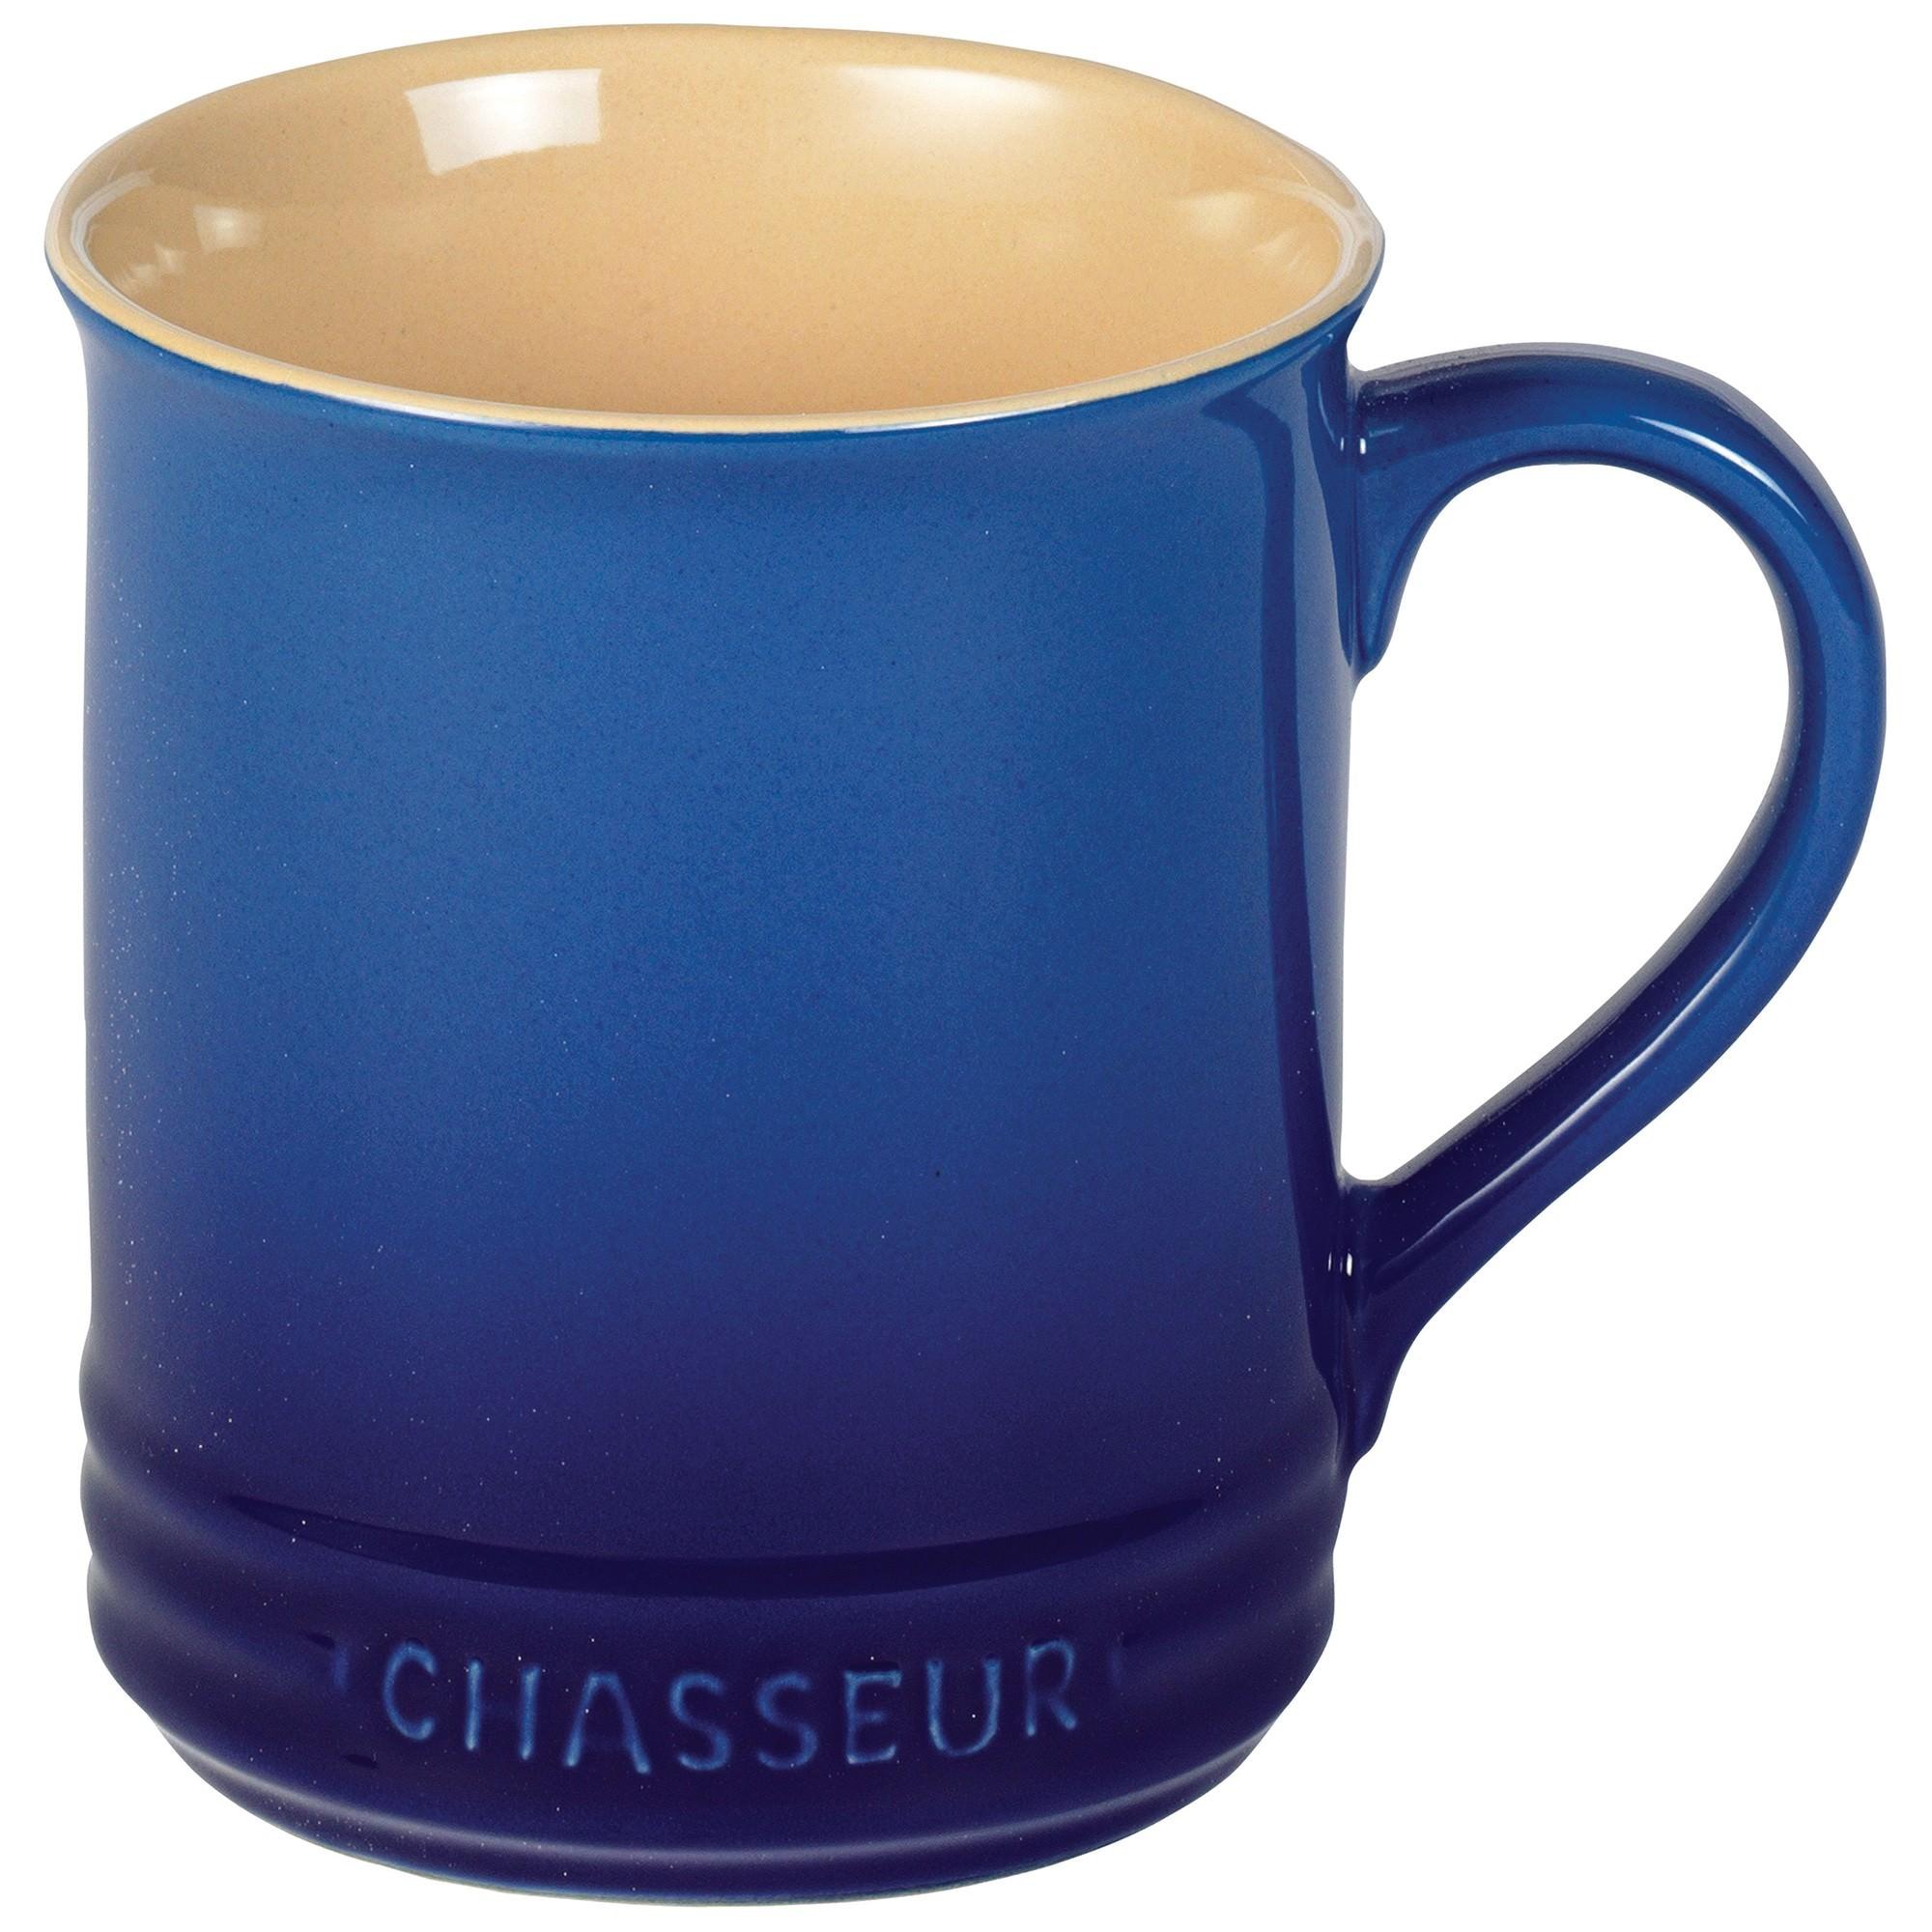 Chasseur La Cuisson Mug, 350ml, Blue